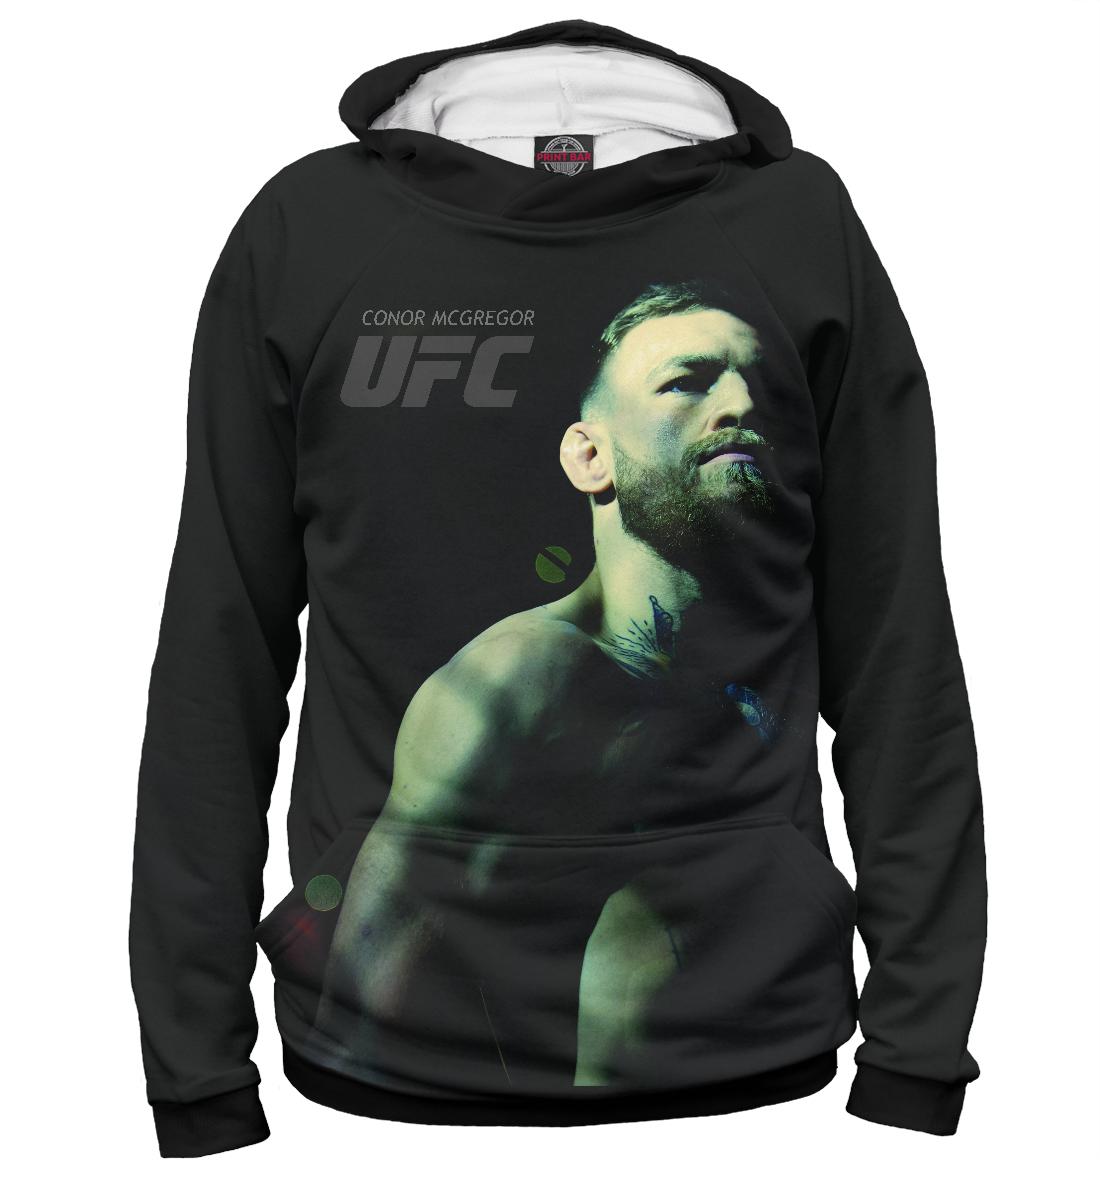 Купить Conor Mcgregor UFC Champion, Printbar, Худи, MCG-885524-hud-1